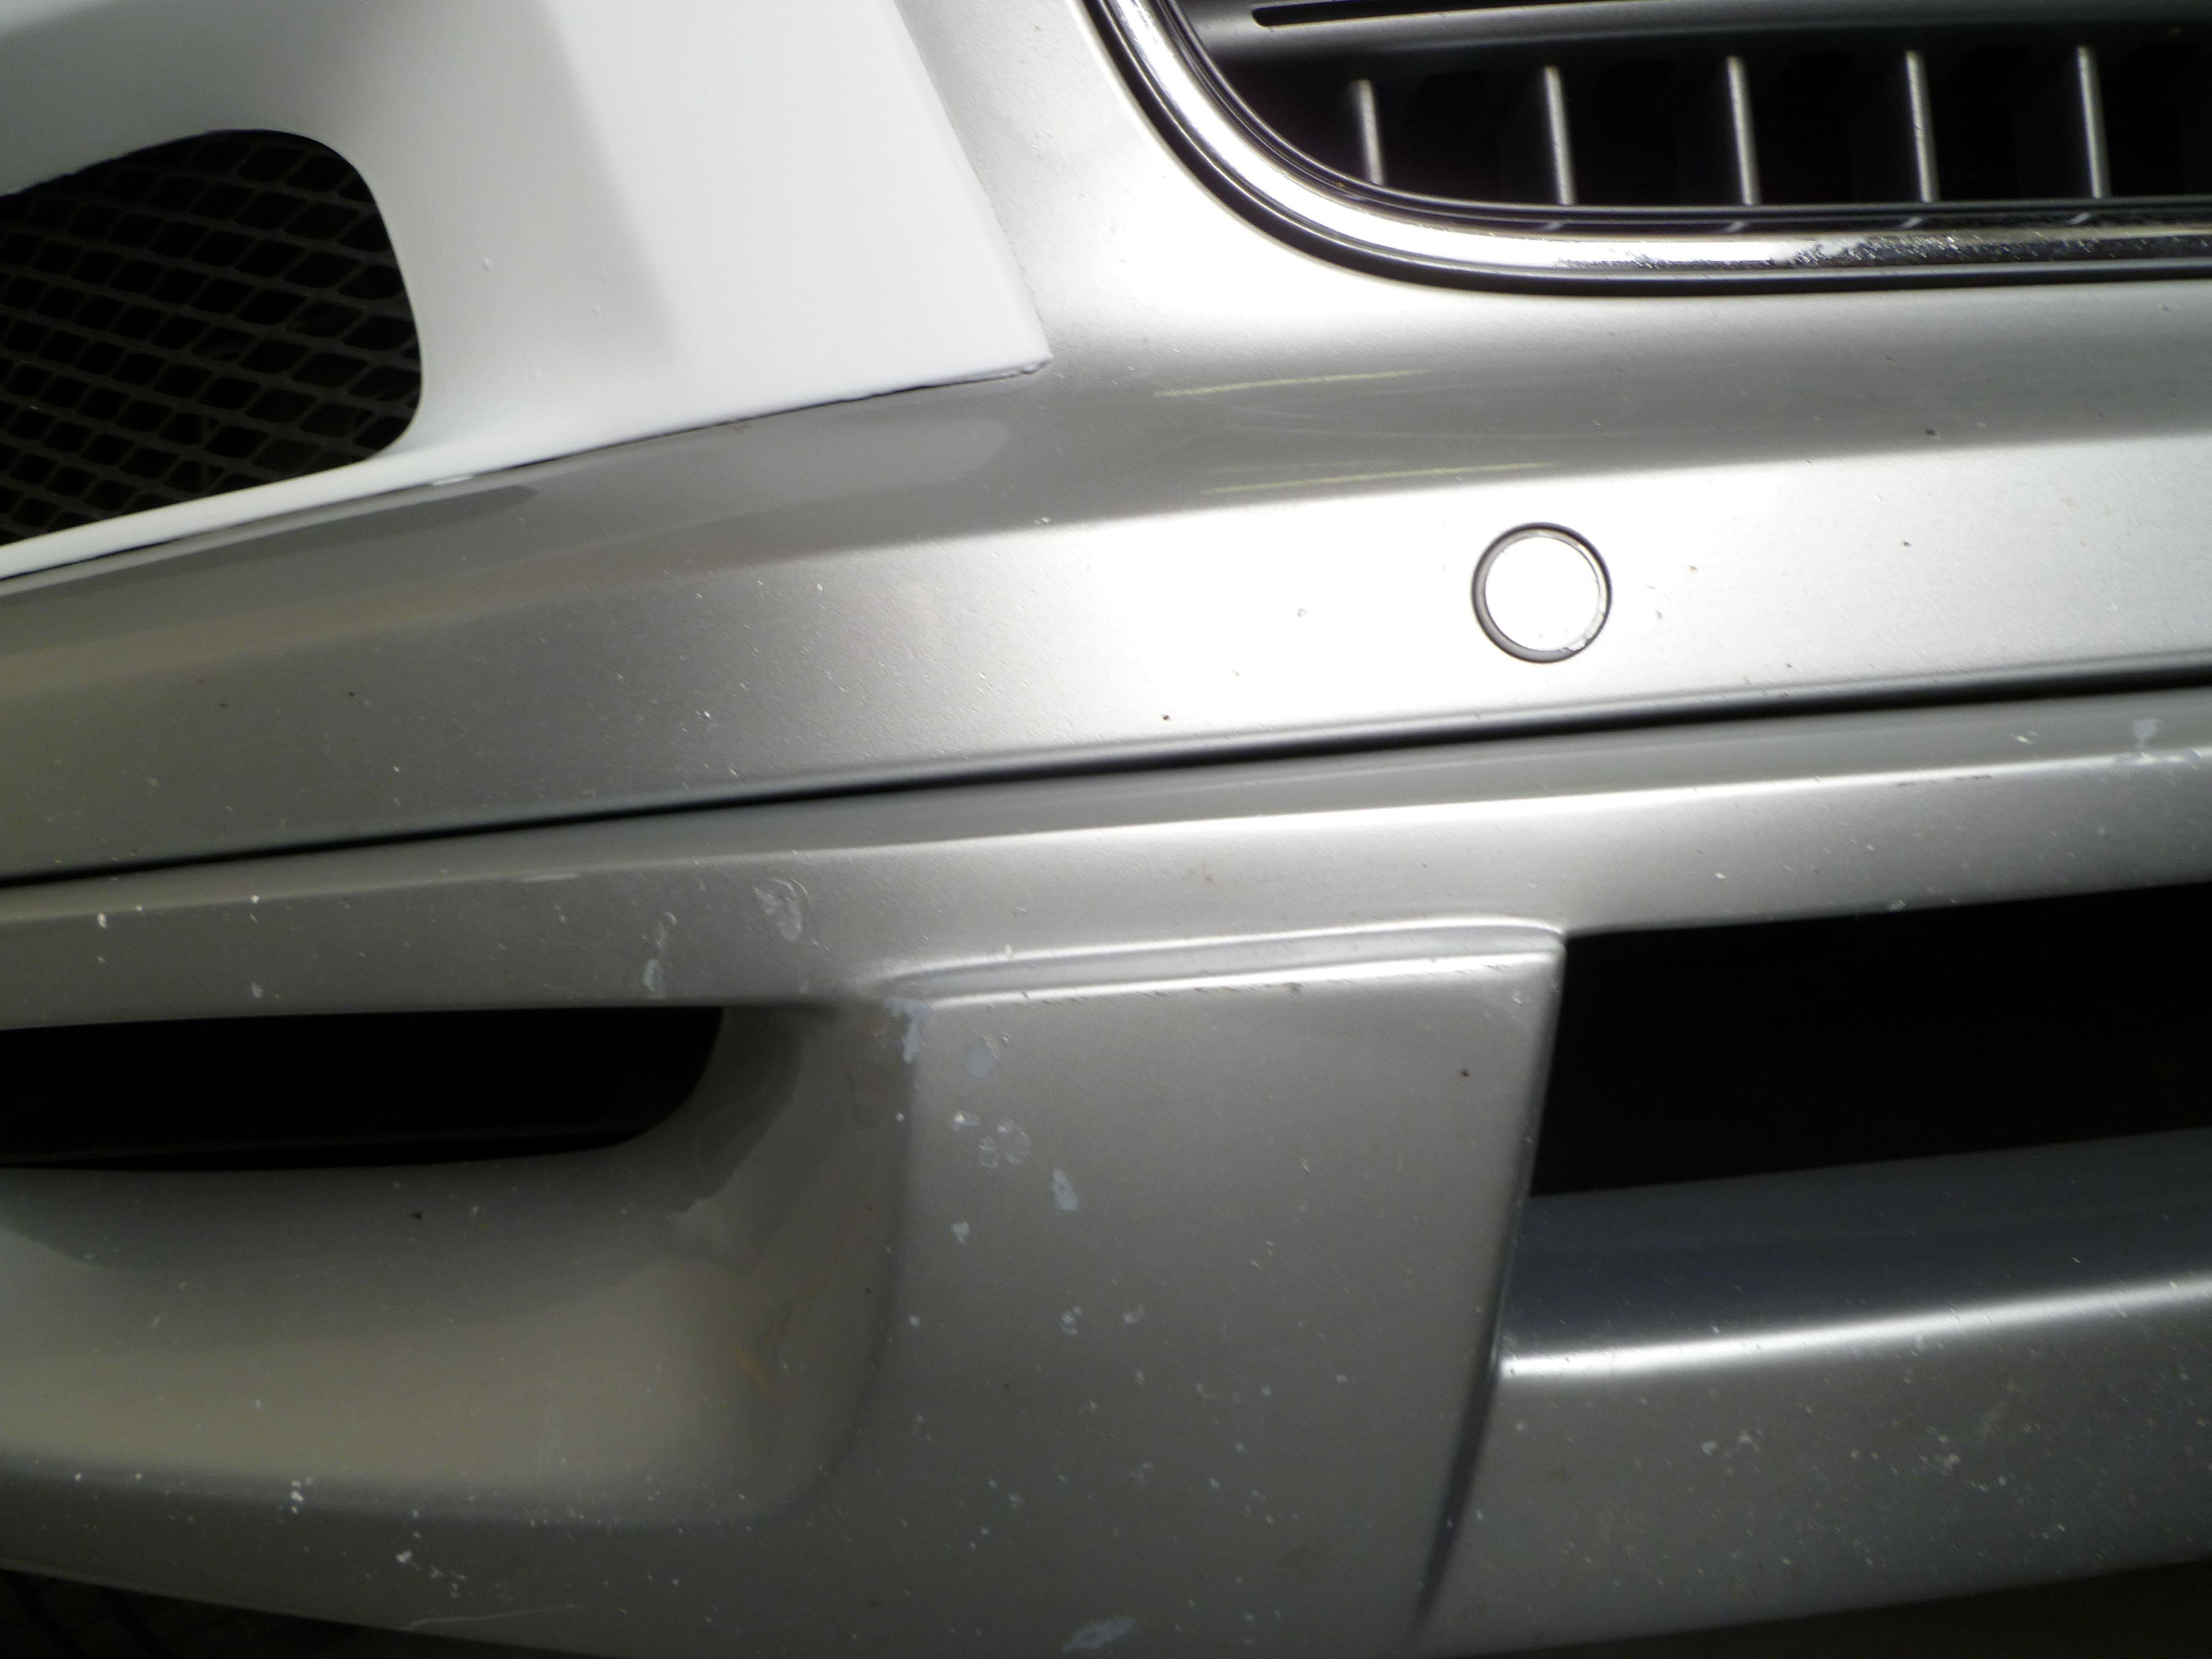 Audi Q7 met Mat Witte Wrap, Carwrapping door Wrapmyride.nu Foto-nr:4989, ©2021